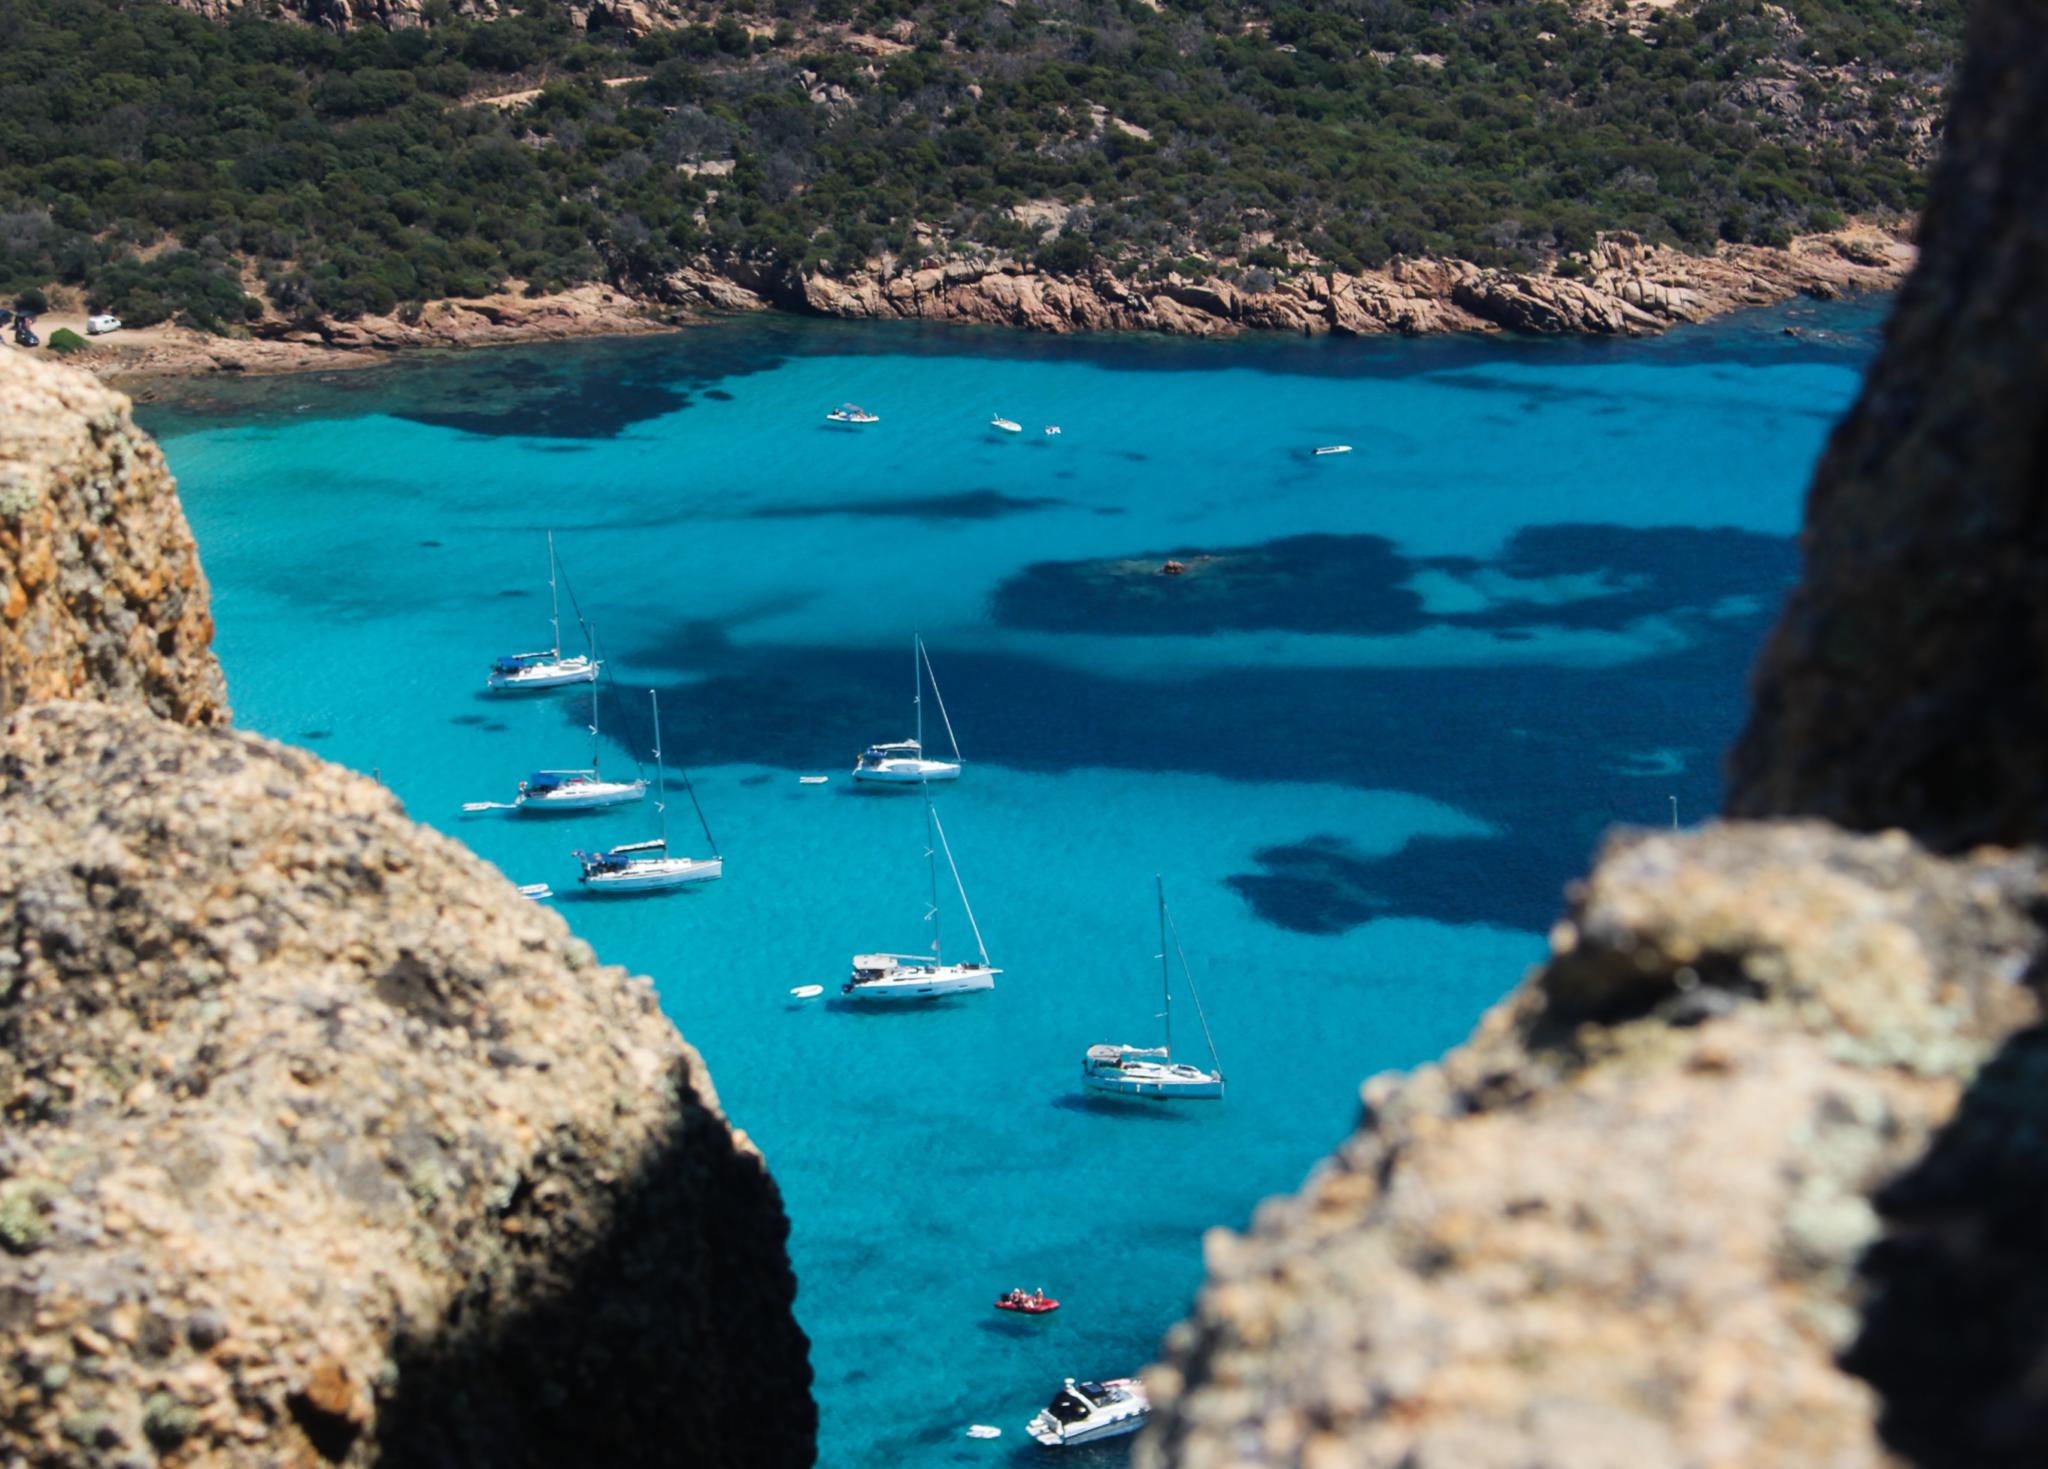 Stunning Corsica villas near beach spots